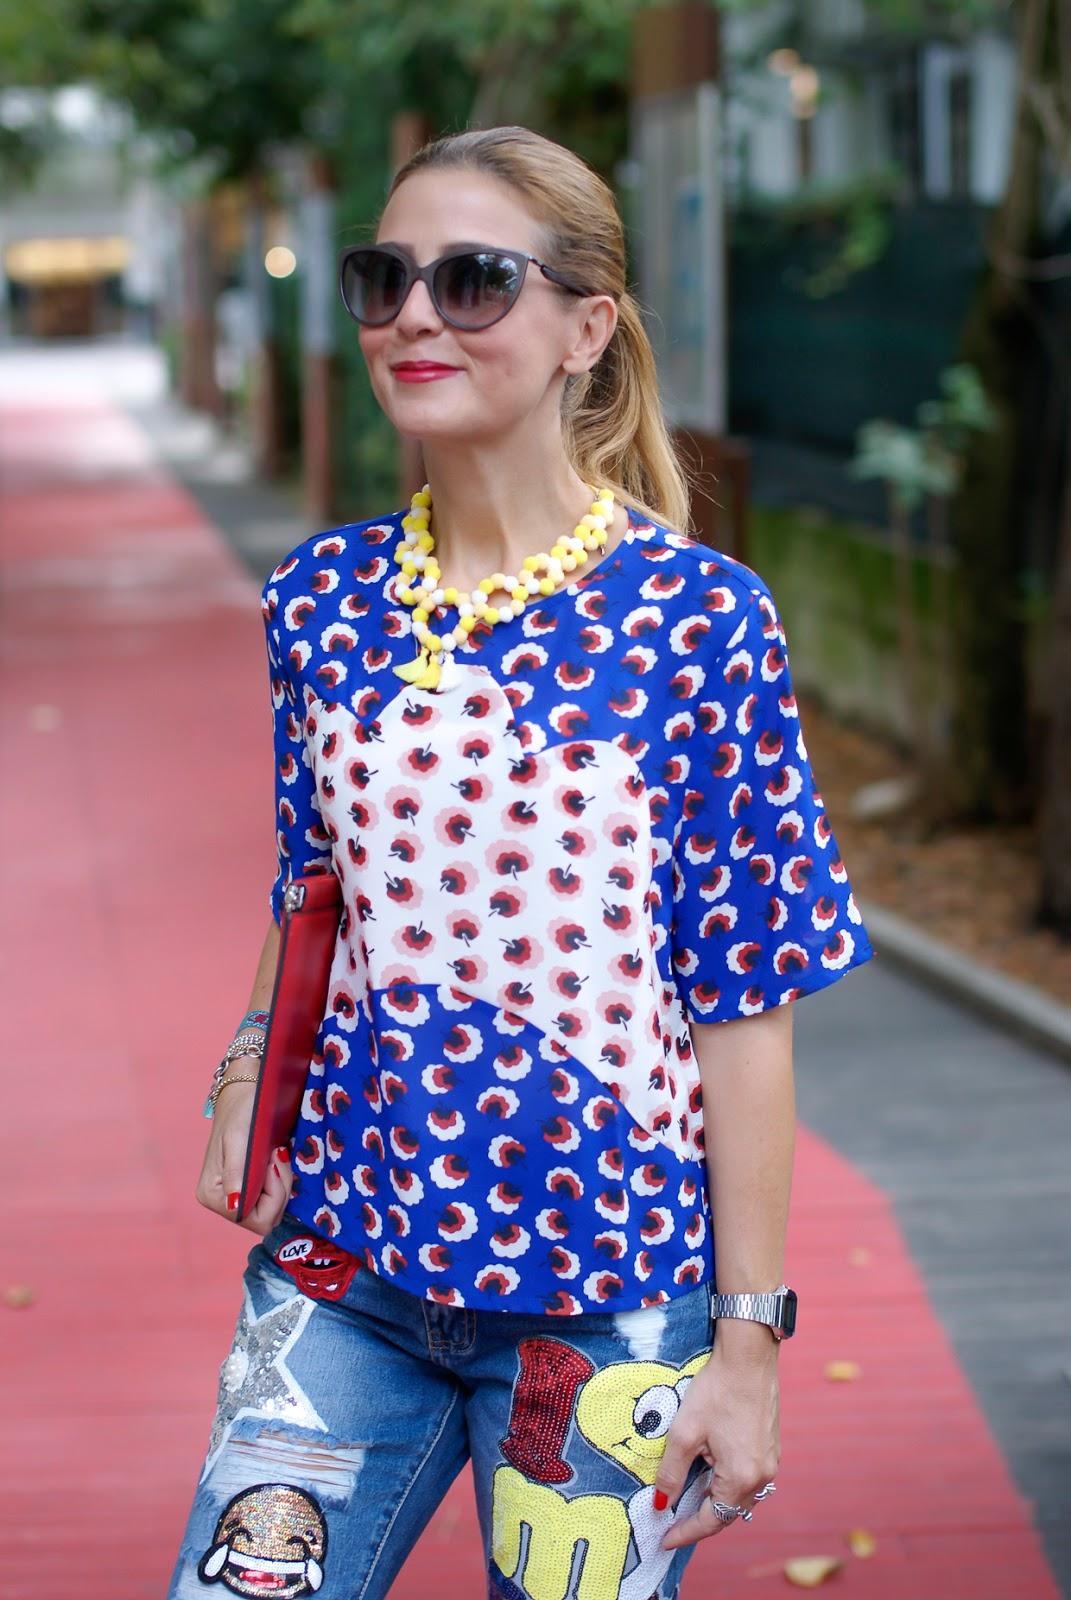 Minueto blouse and whatsapp emoji patch on Fashion and Cookies fashion blog, fashion blogger style